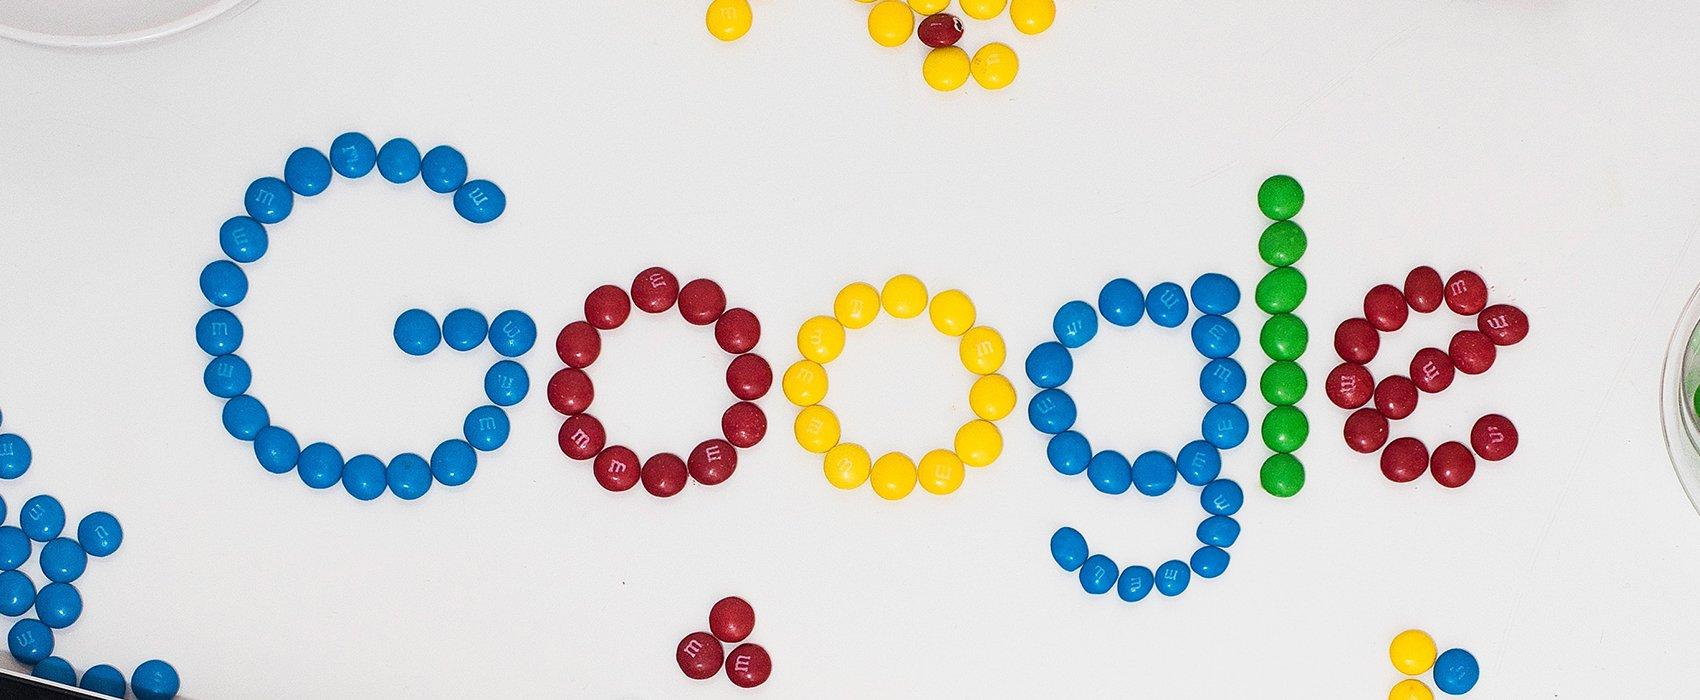 Google 2018 trends